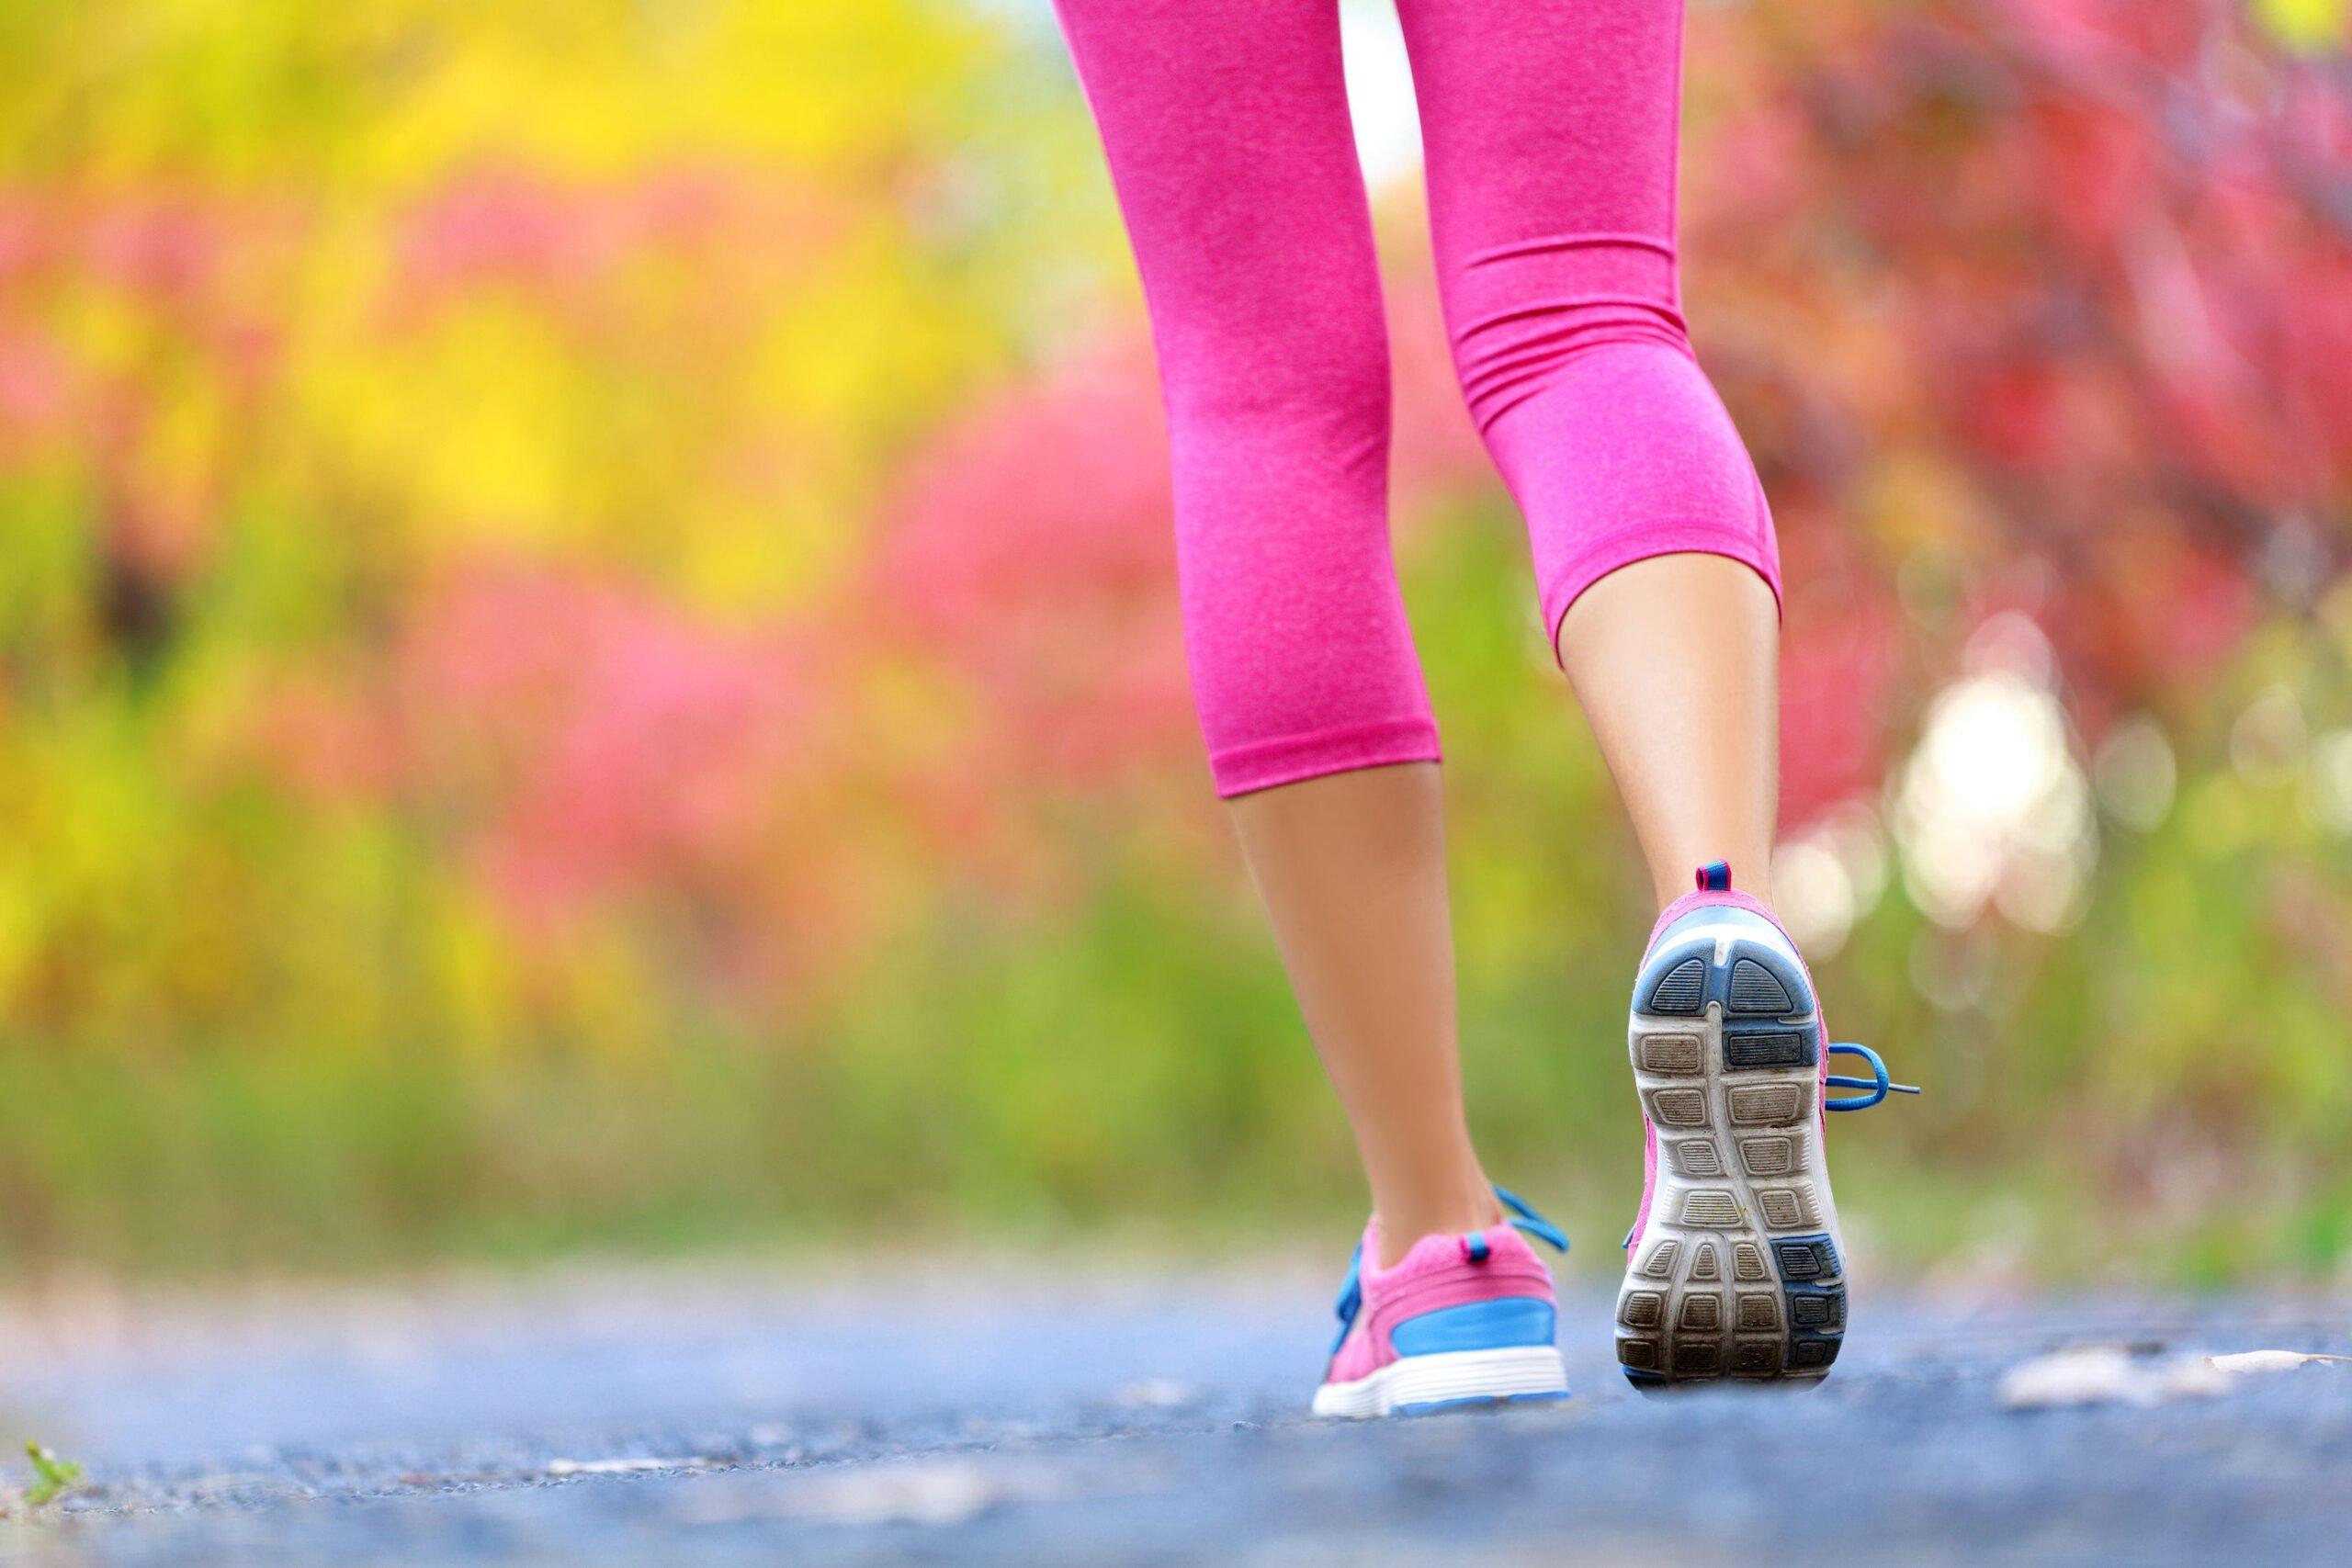 Come allenarsi per lunghe camminate